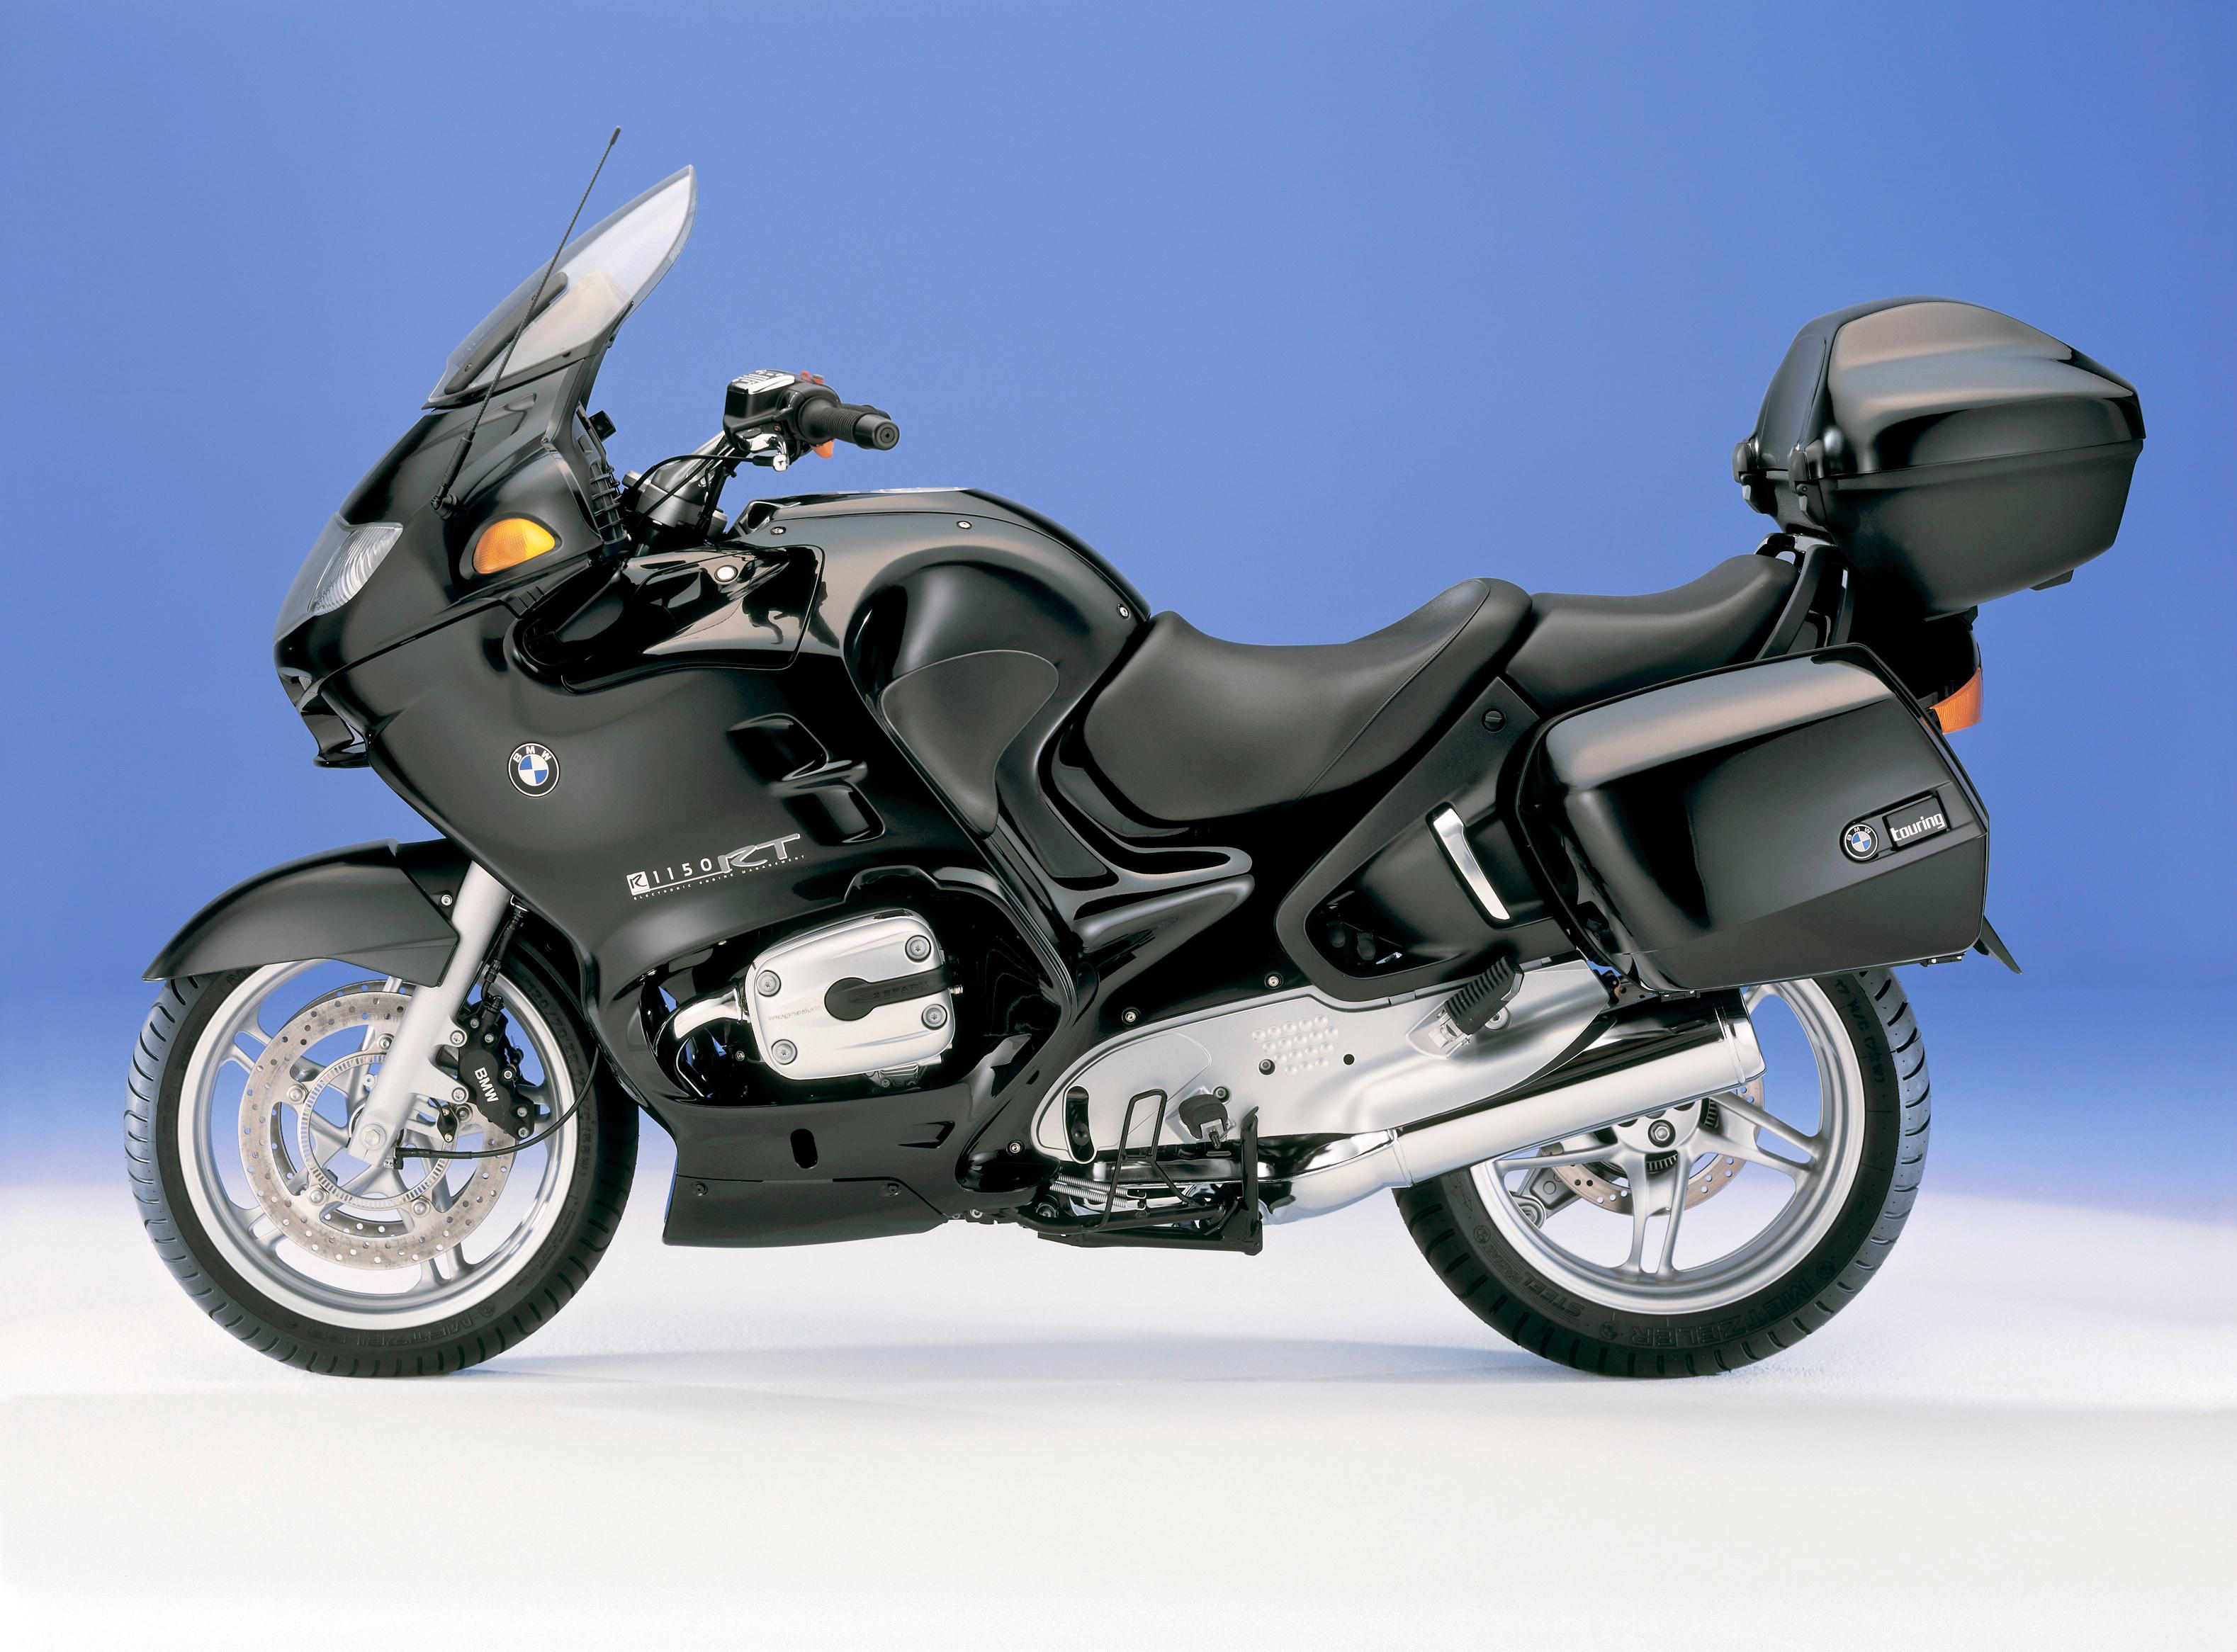 Фото БМВ R 1150 RT, 2001–04 черных мотоцикл Сбоку 3157x2332 BMW - Мотоциклы черная черные Черный Мотоциклы